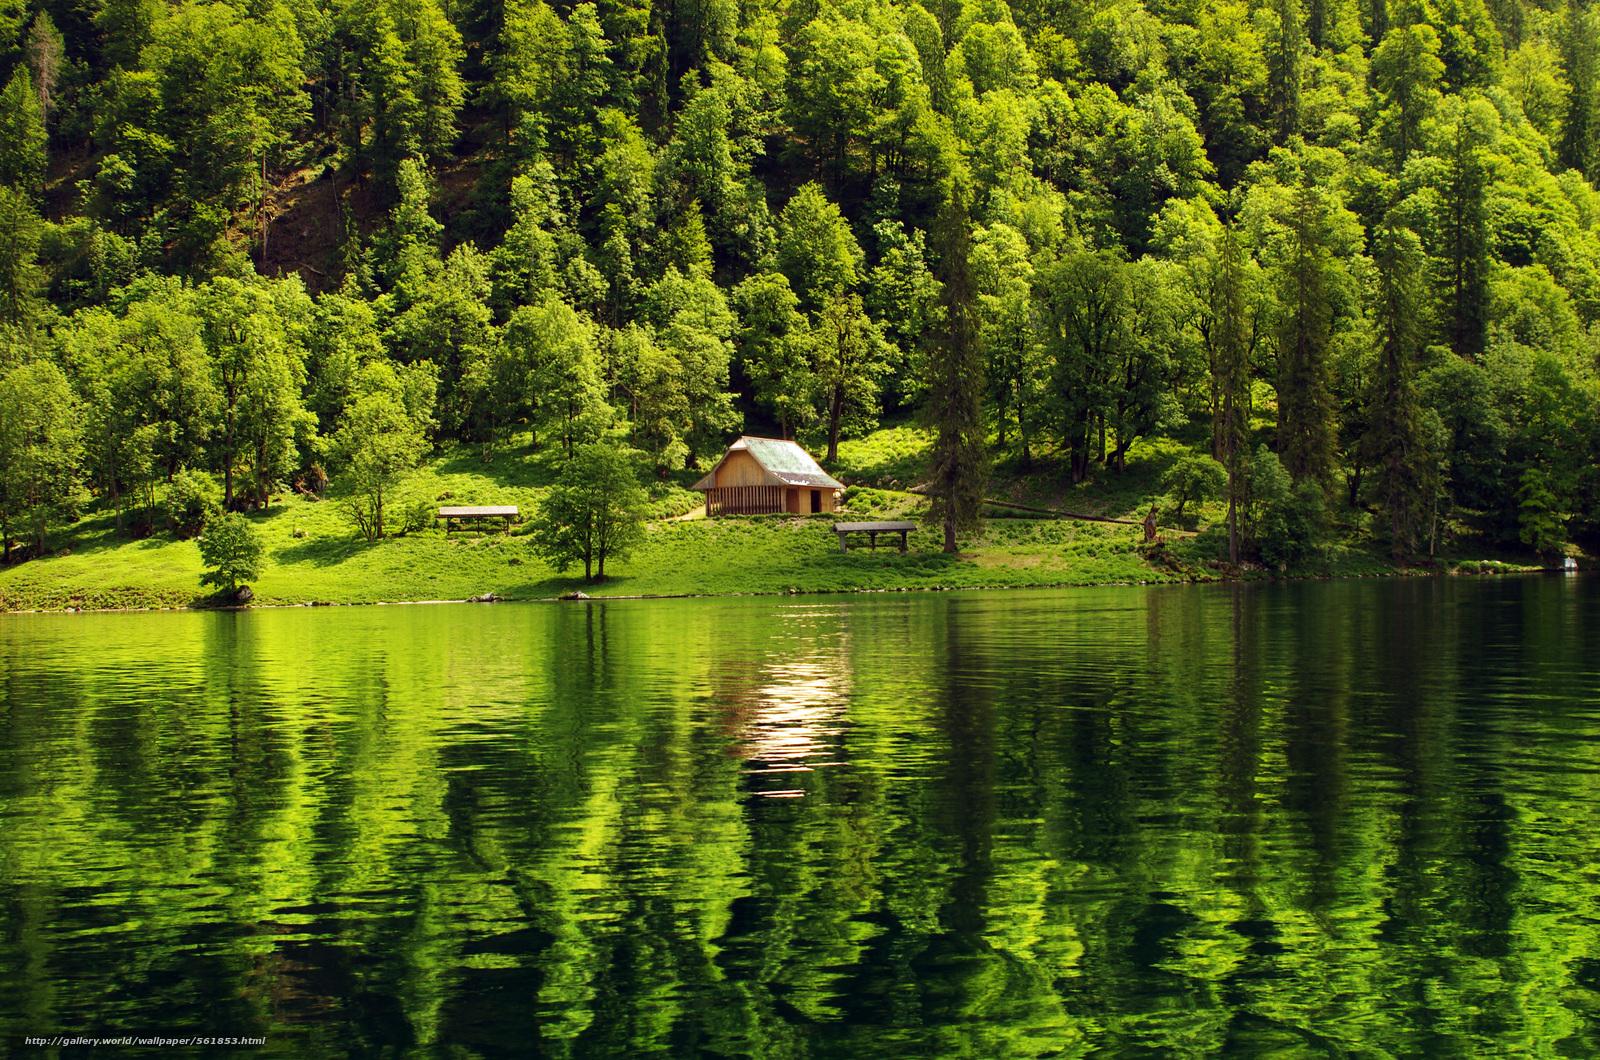 Download wallpaper forest, lake, cabin, landscape free ...